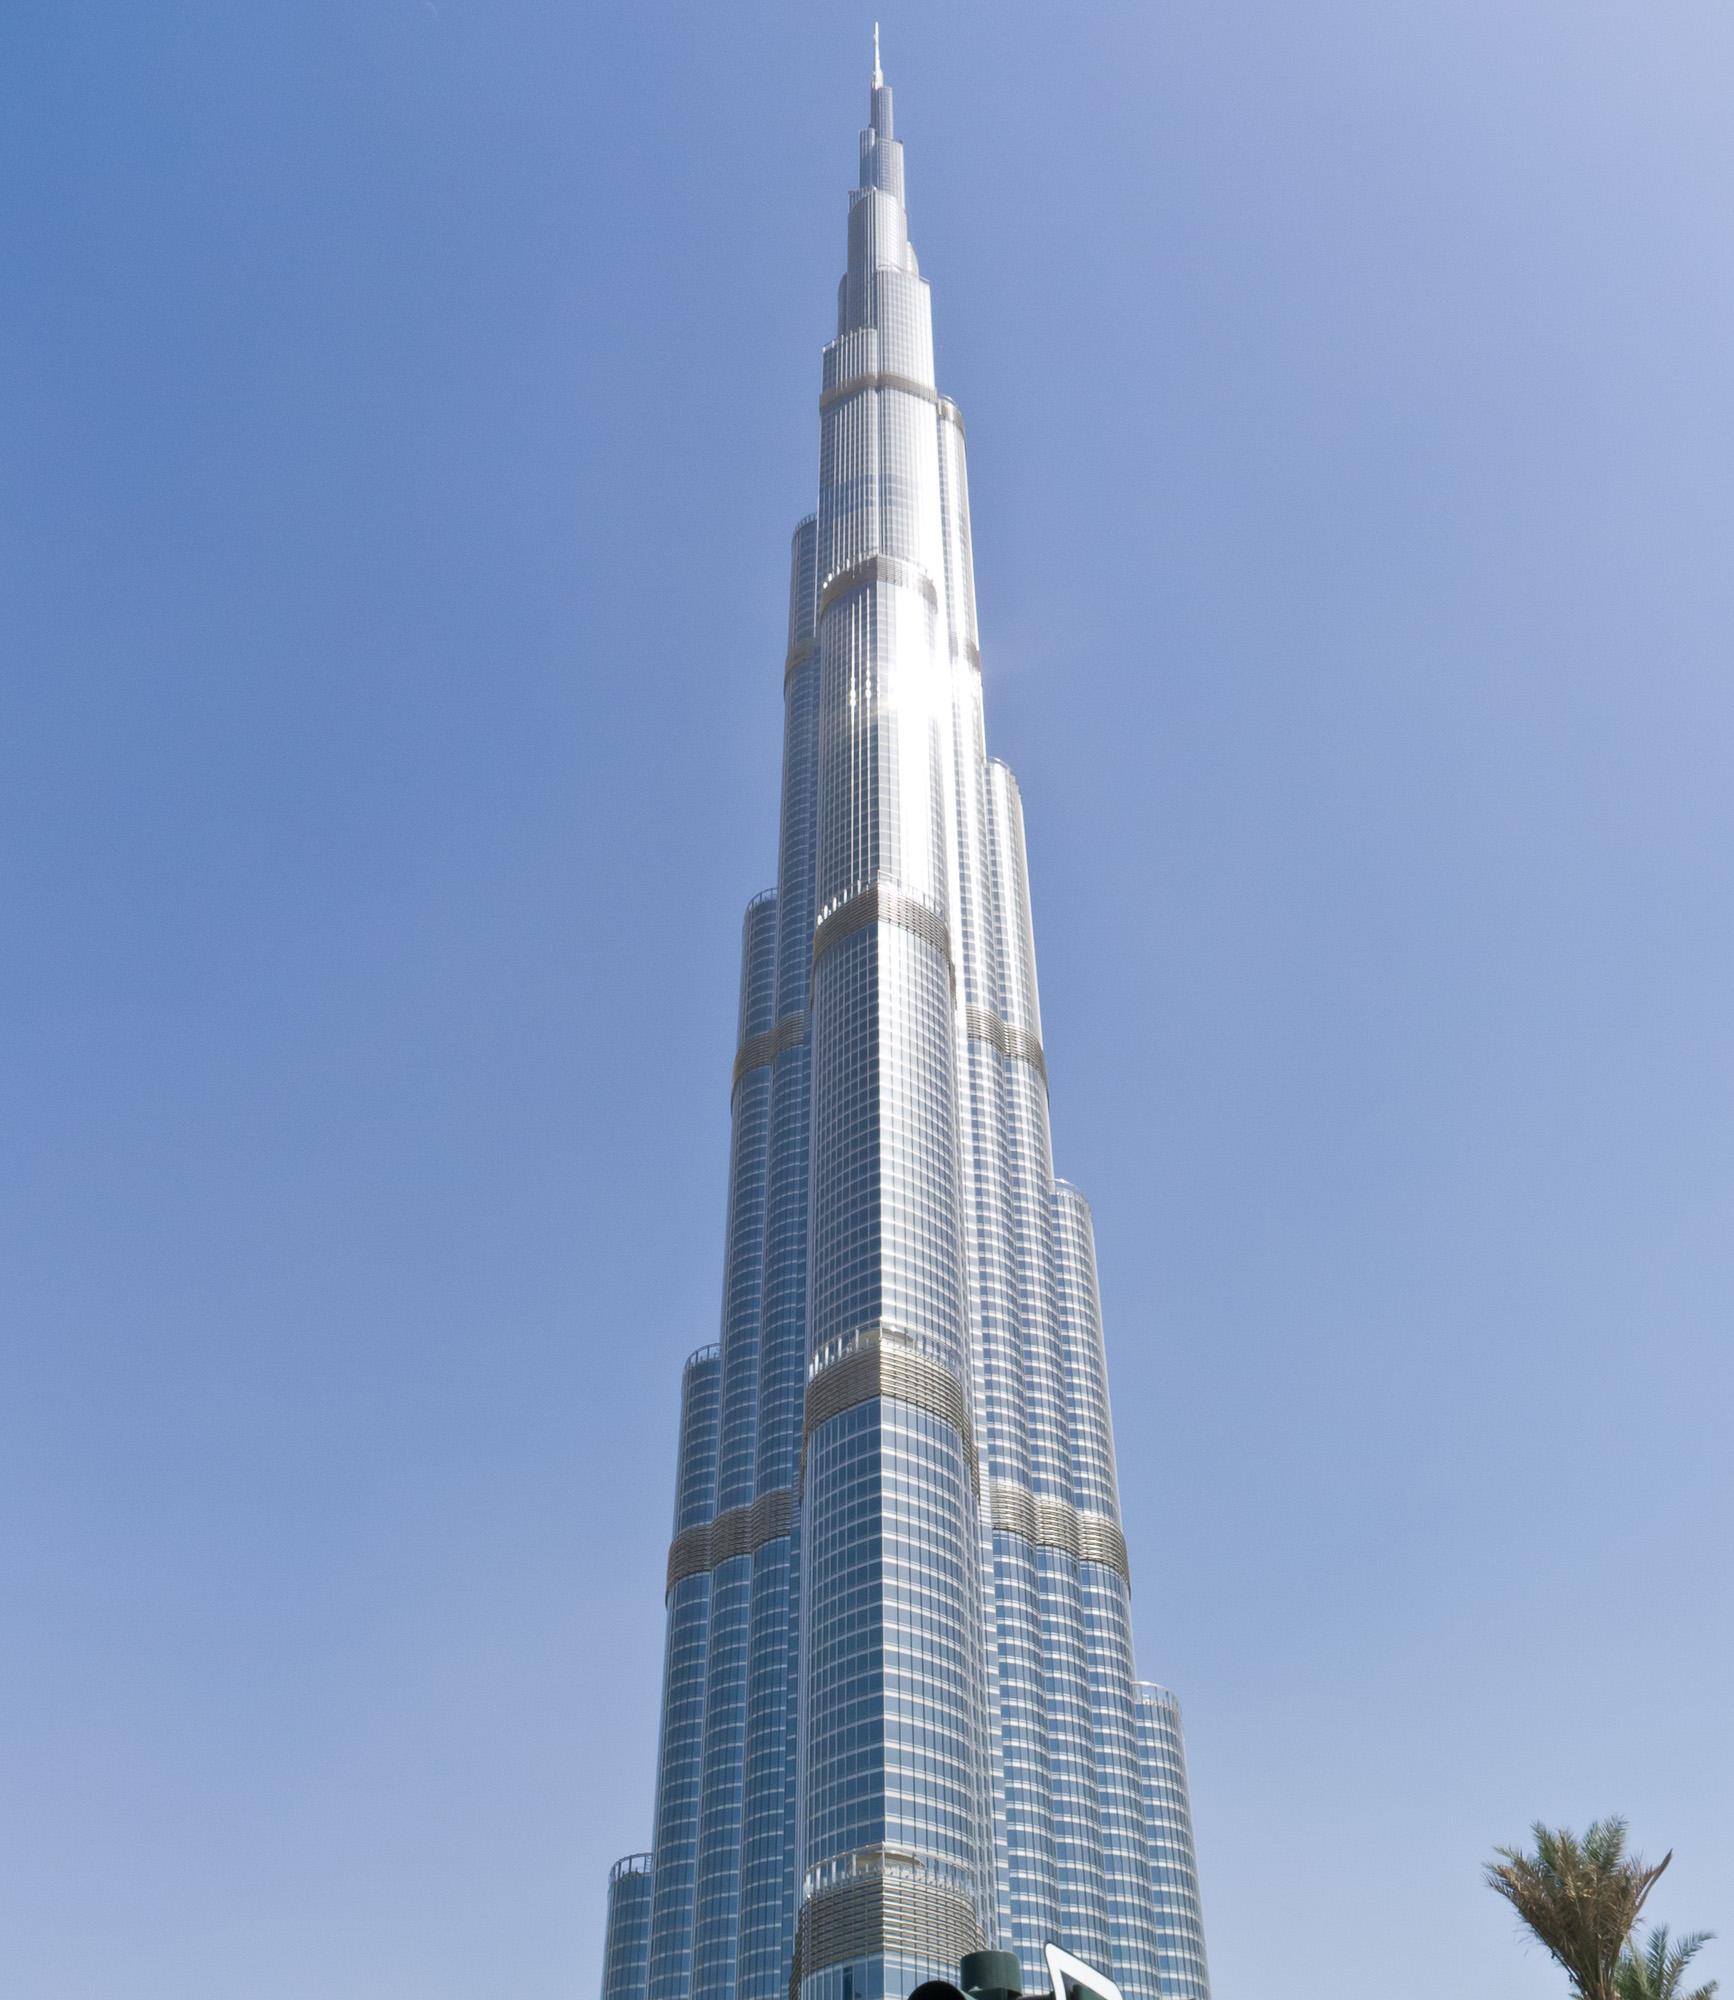 Burj Khalifa, world's tallest